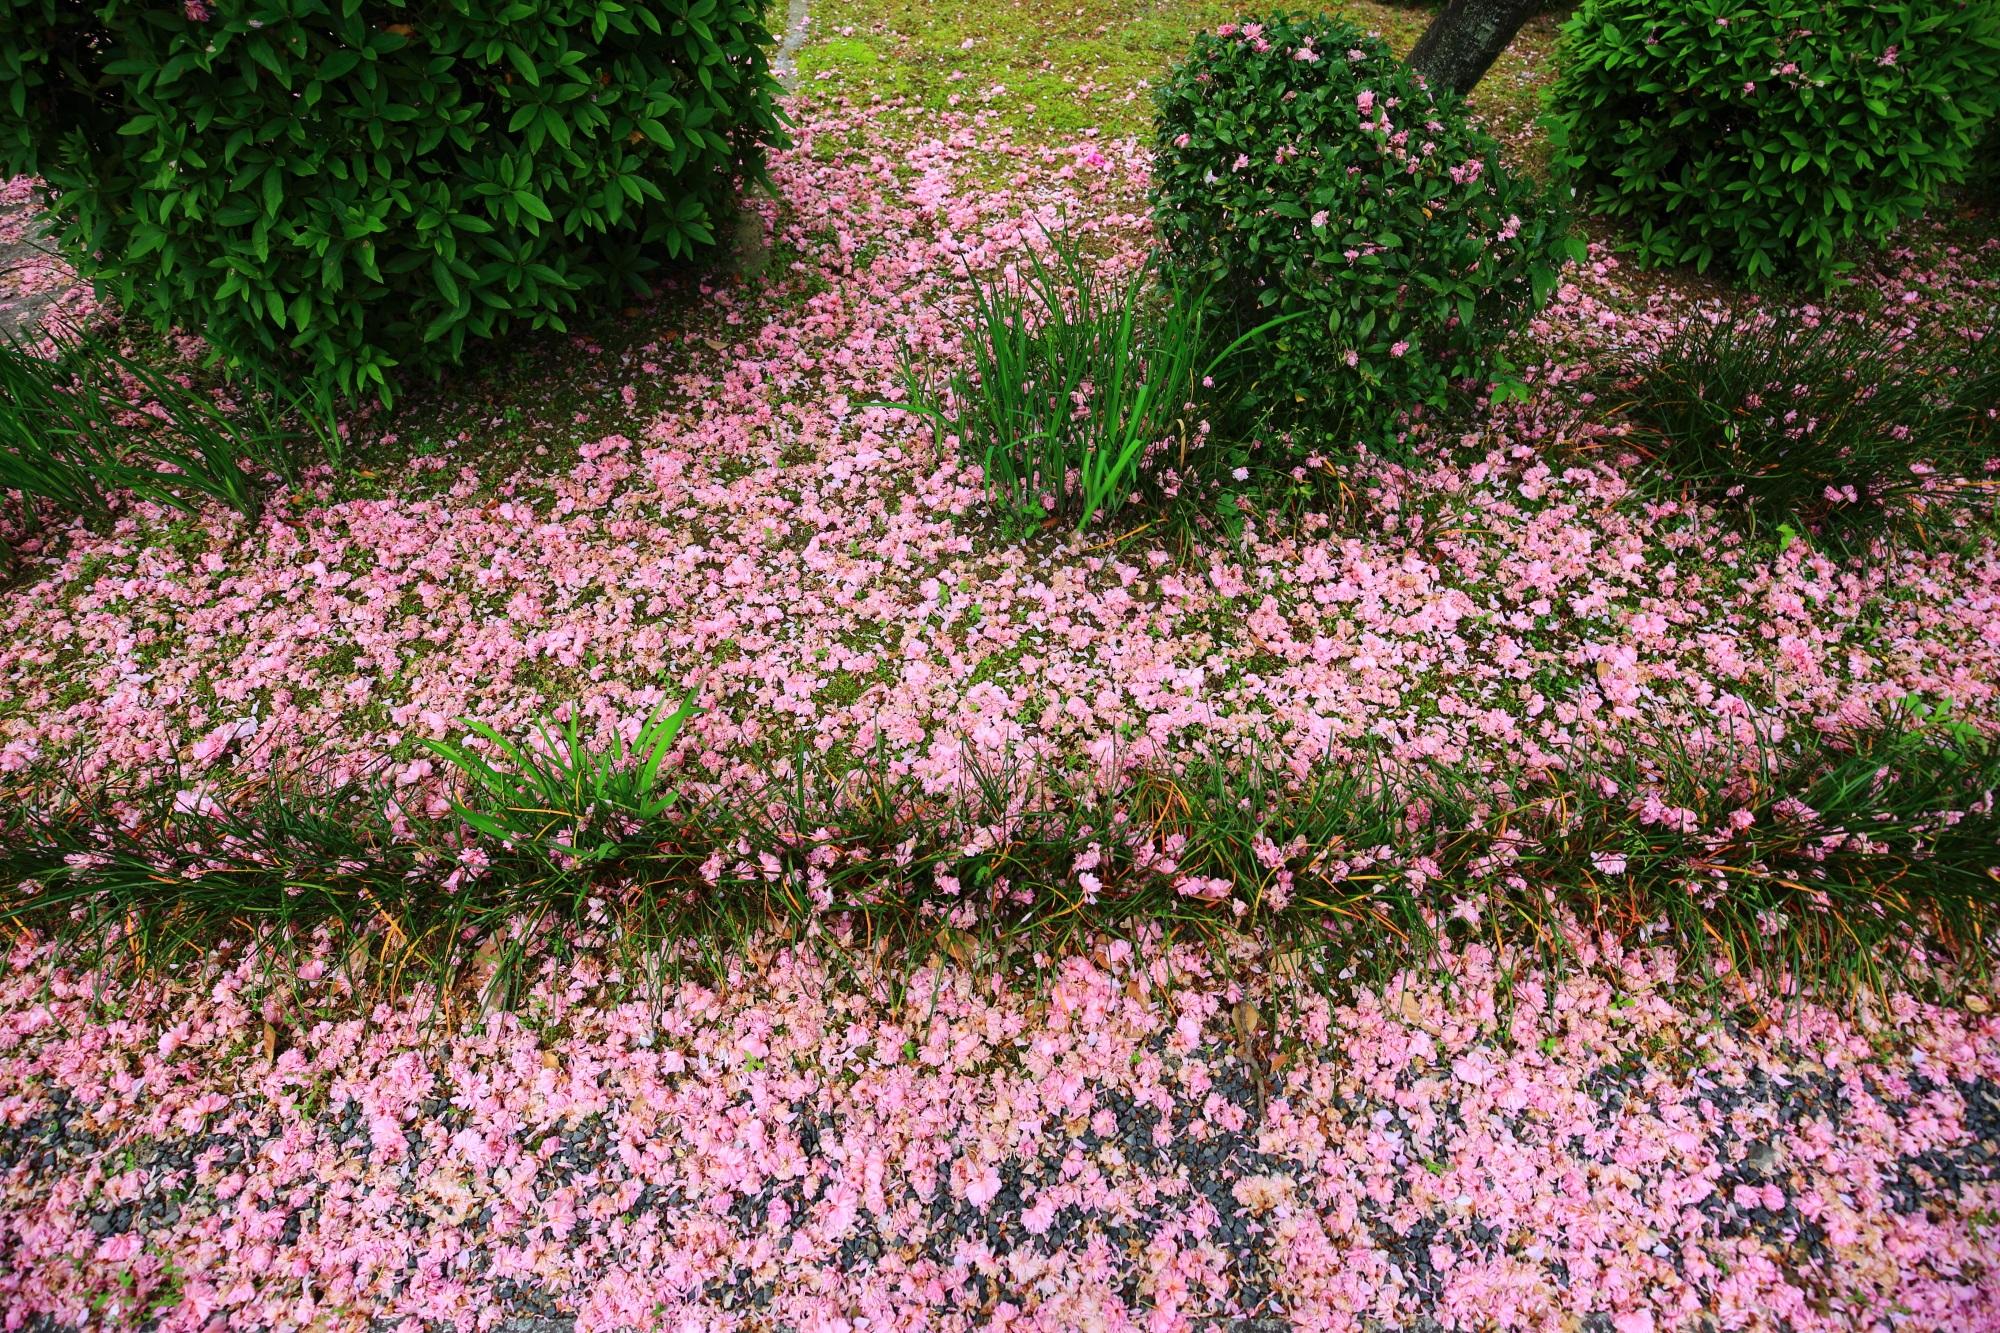 予想外の春の華やかな彩り